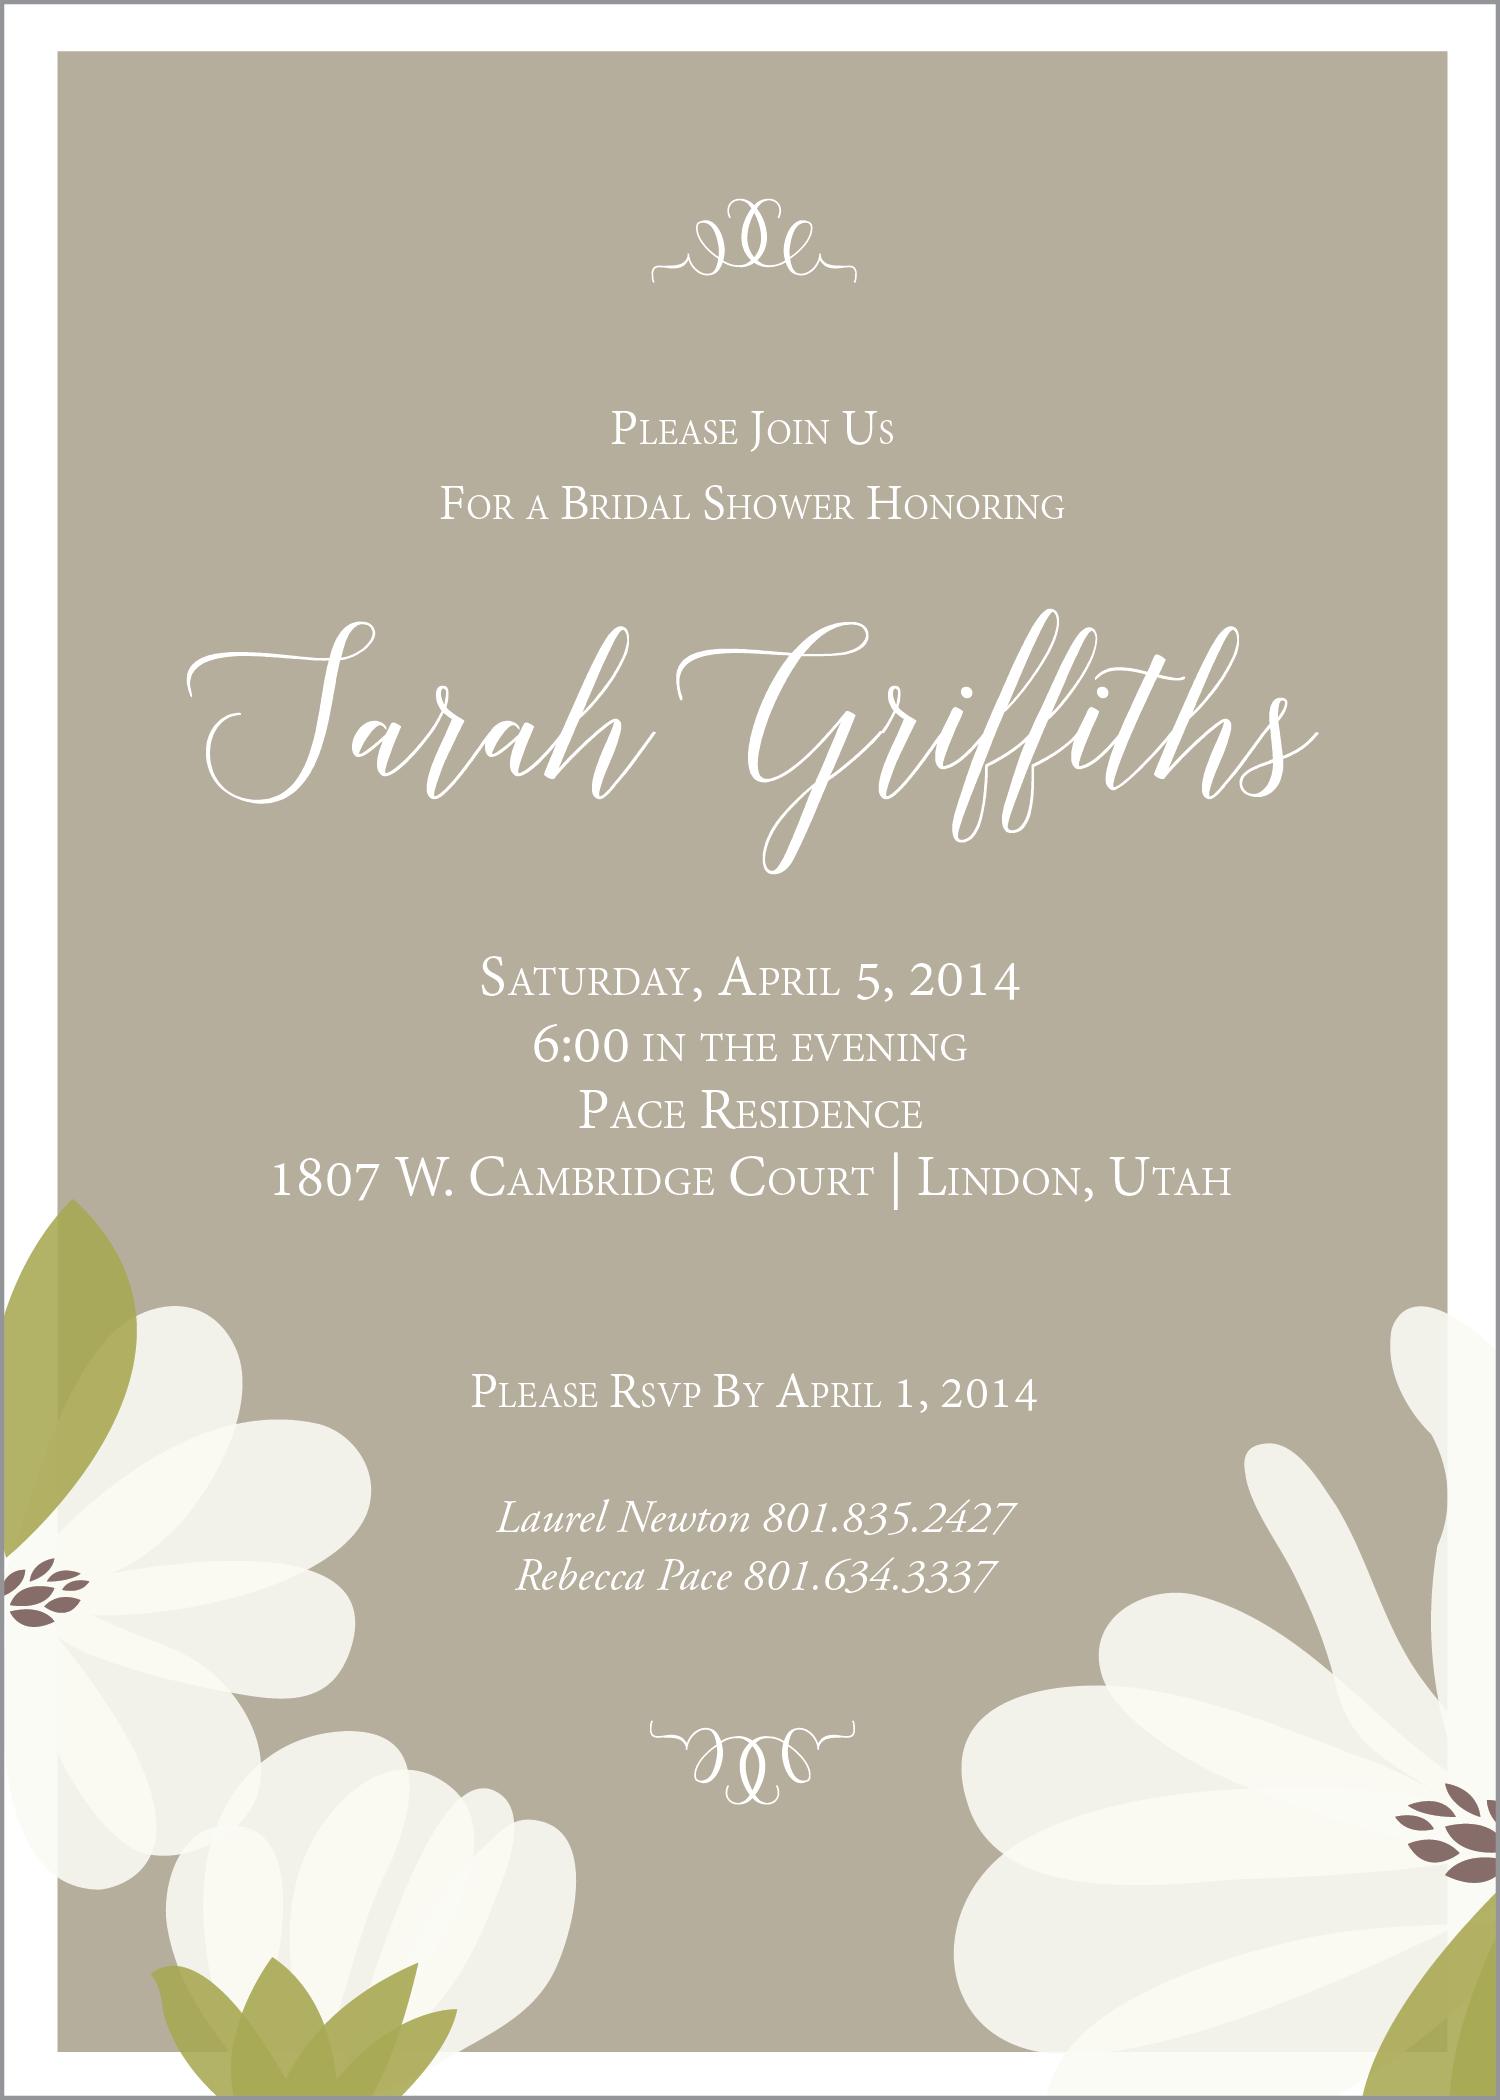 Bridal-shower-invitation-design.png